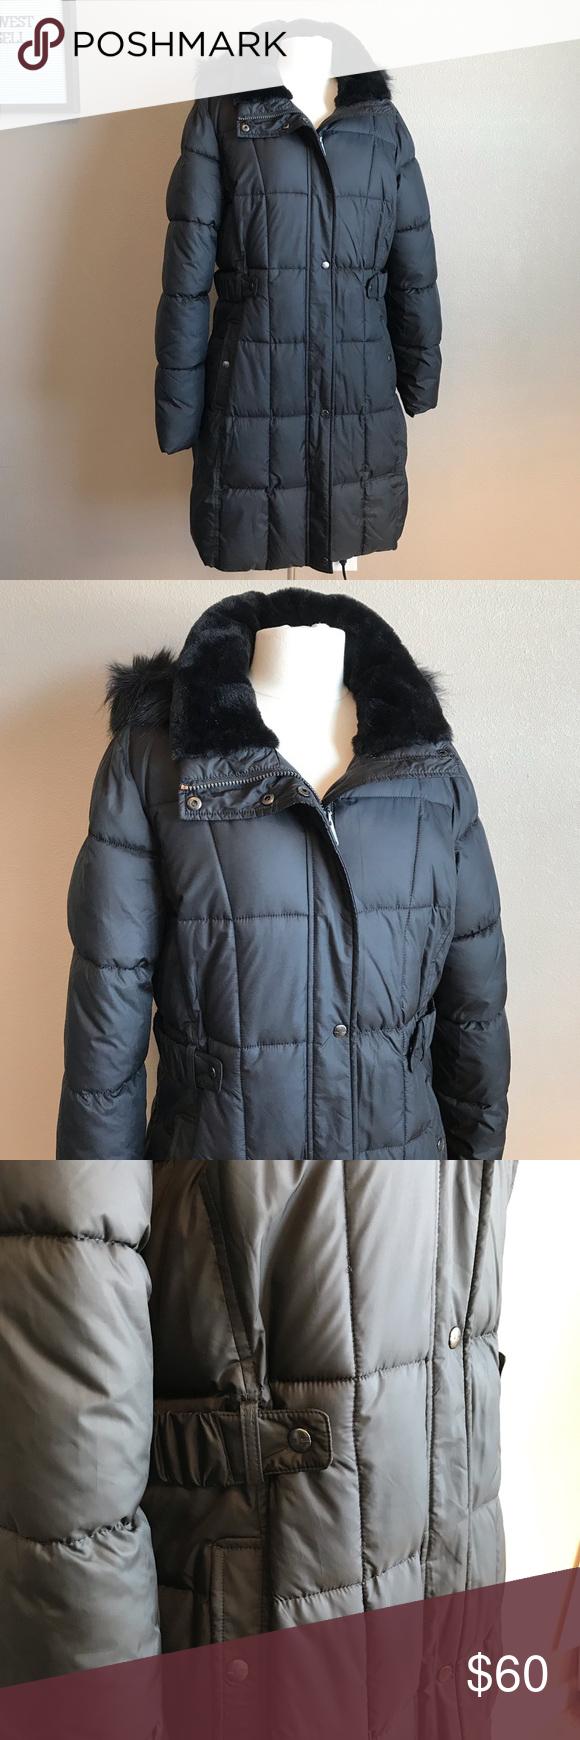 Liz Claiborne Outerwear L Liz Claiborne Long Winter Jacket Clothes Design [ 1740 x 580 Pixel ]